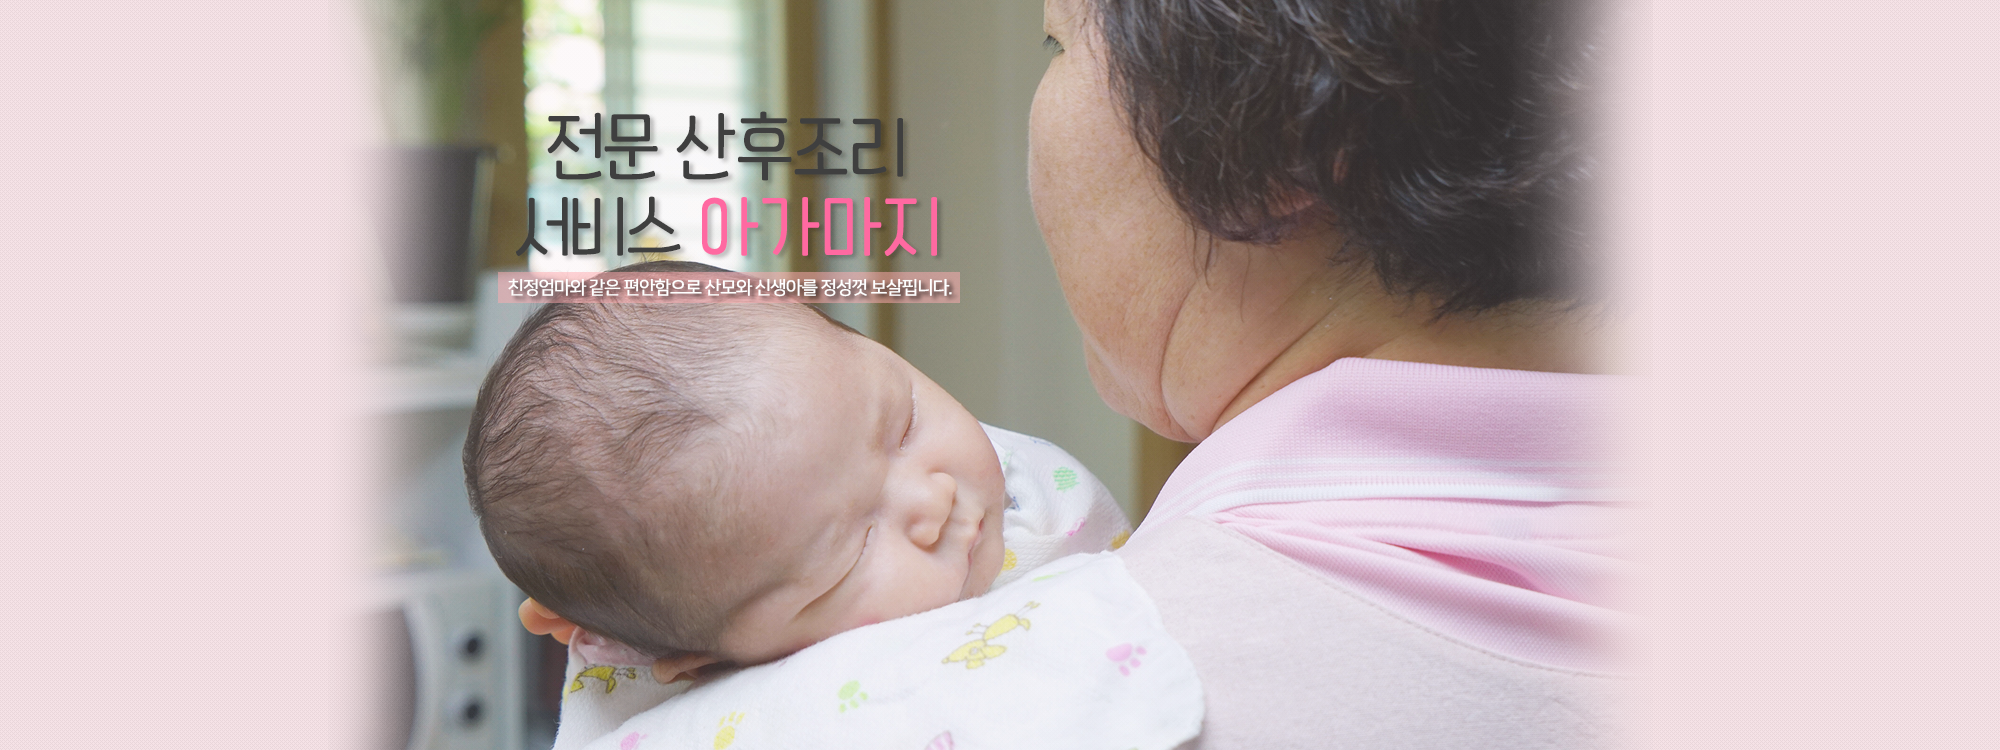 전문 산후조리 서비스 아가마지<br>친정엄마와 같은 편안함으로 산모와 신생아를 정성껏 보살핍니다.